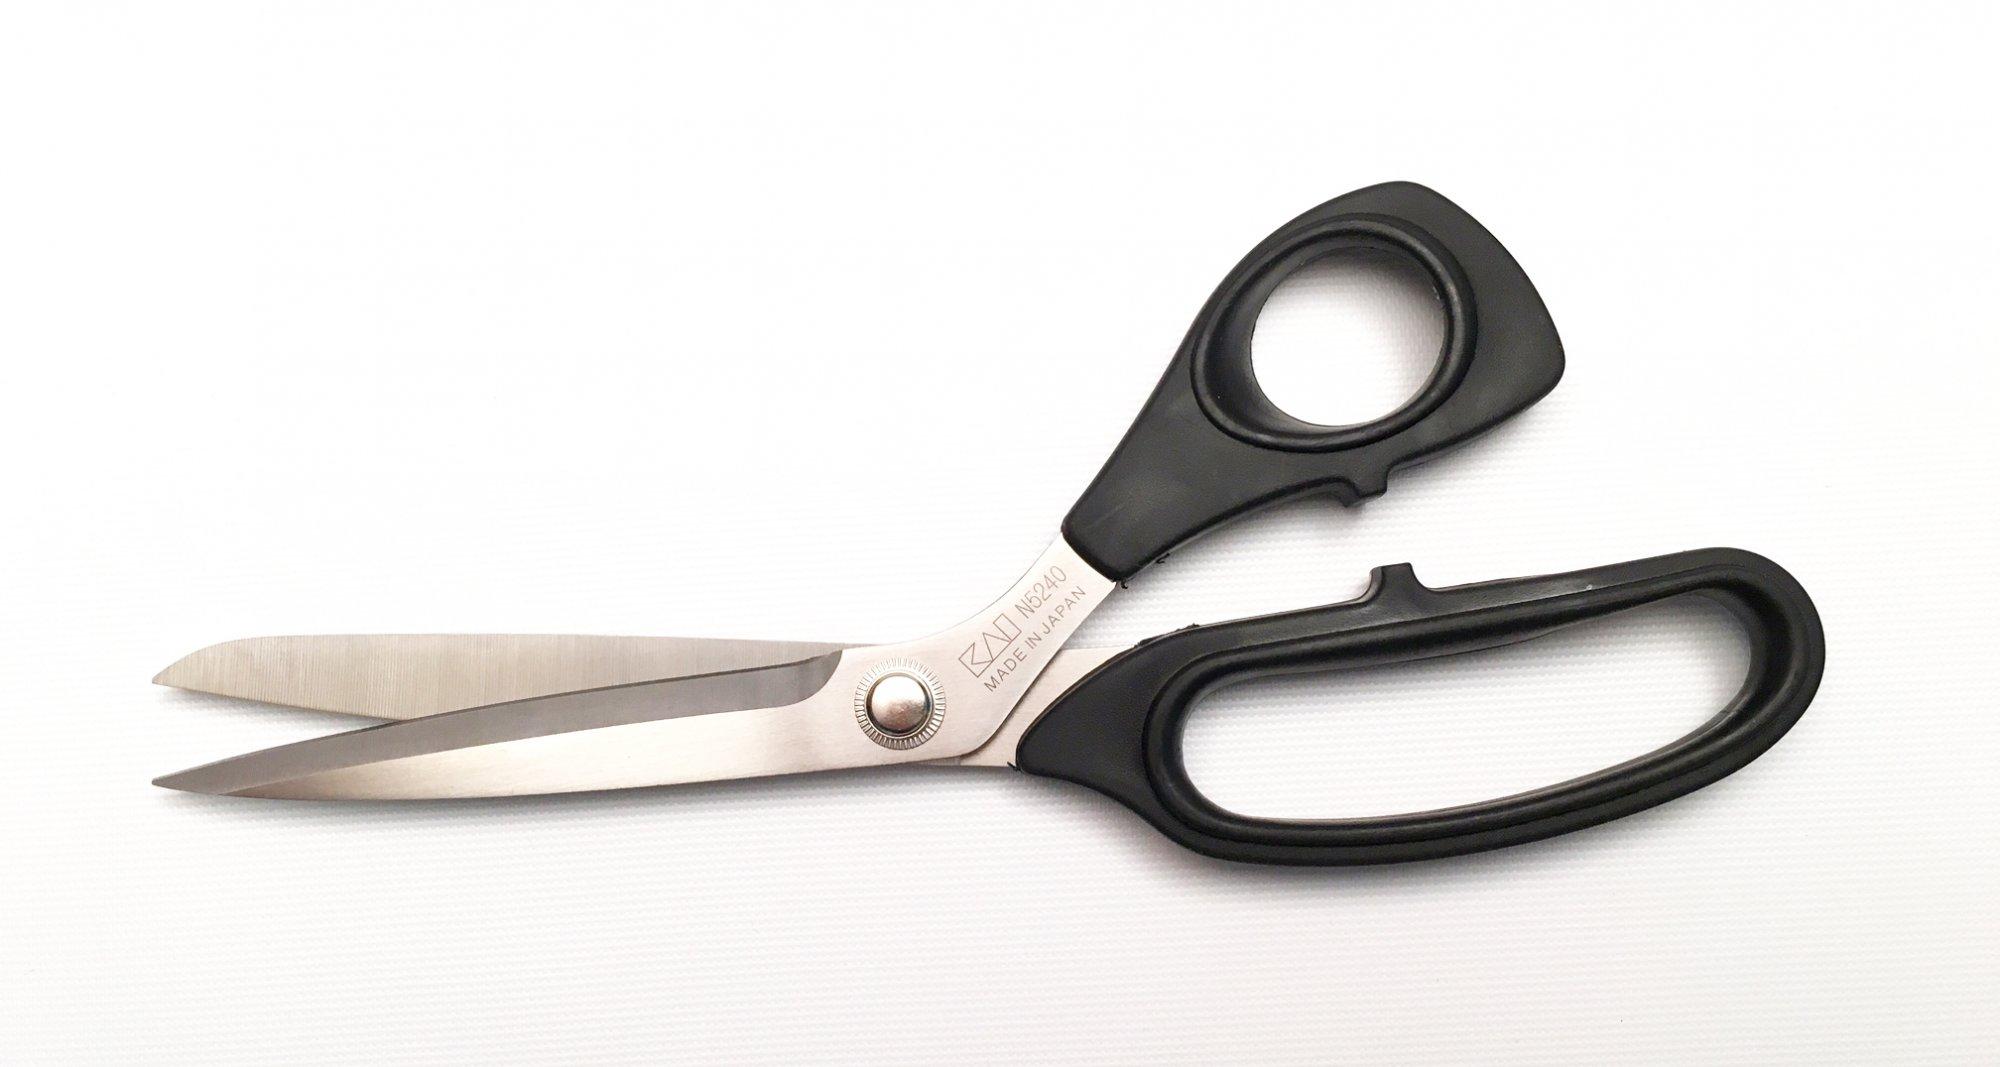 KAI Dressmaking Shears - 9 1/2 inch